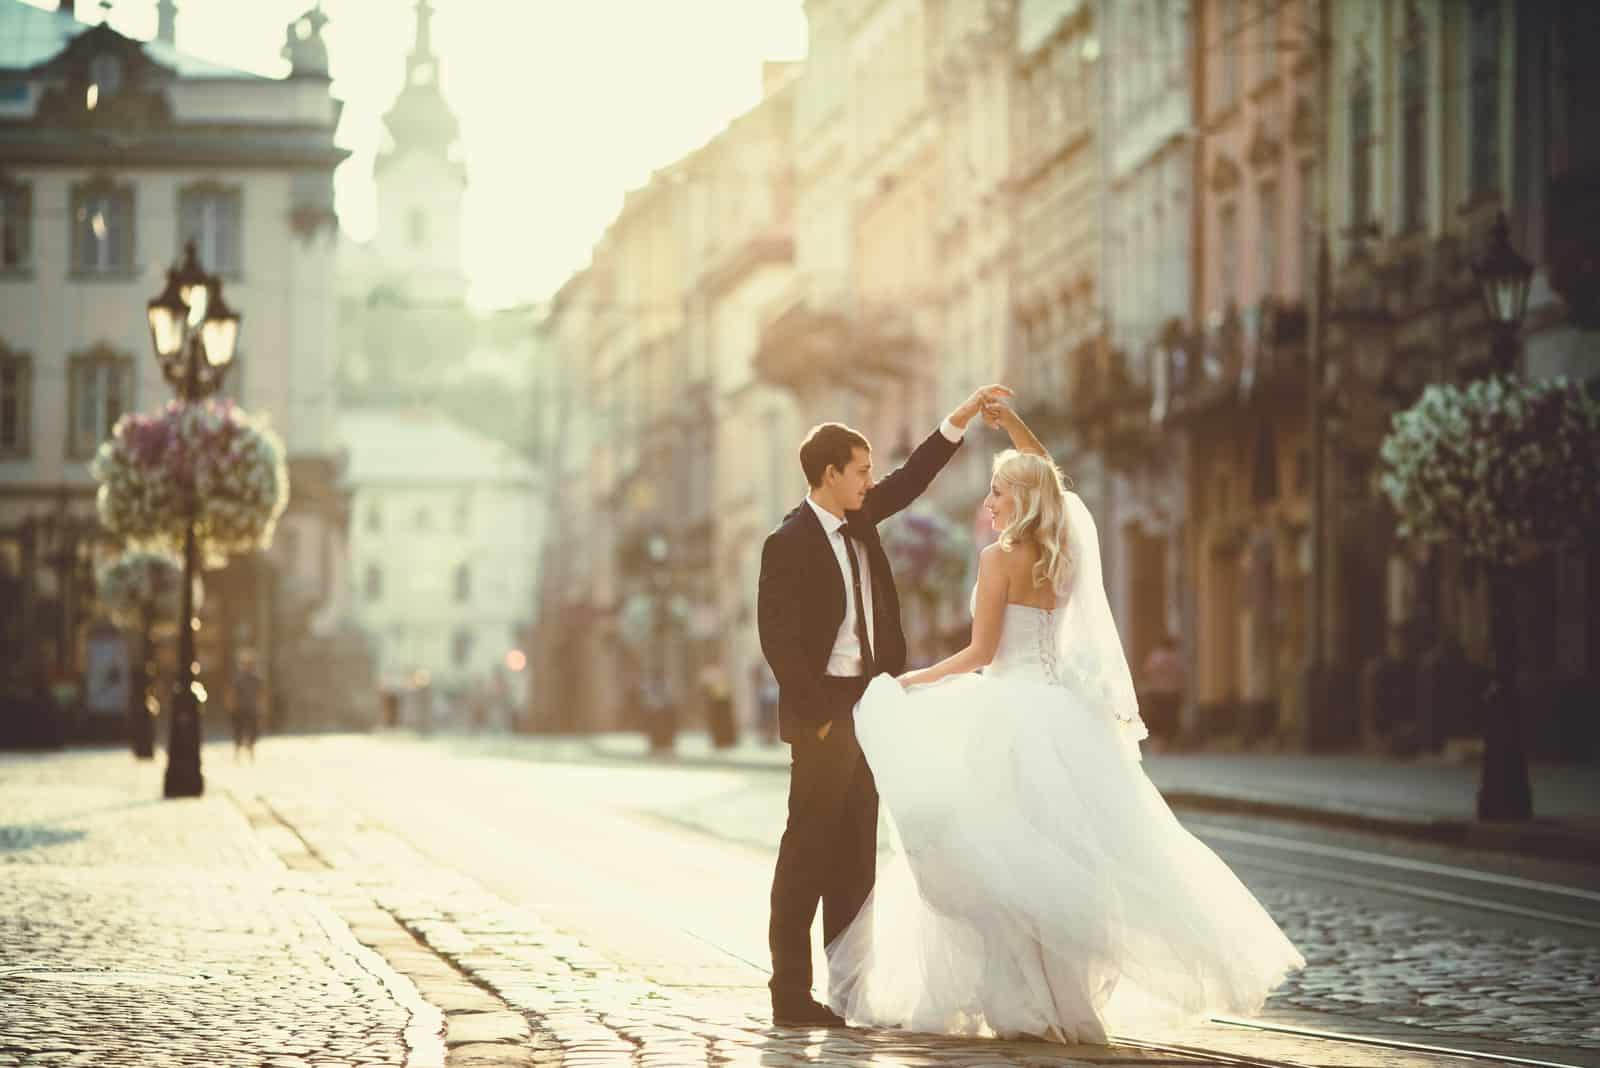 glückliches Paar tanzt in der Innenstadt